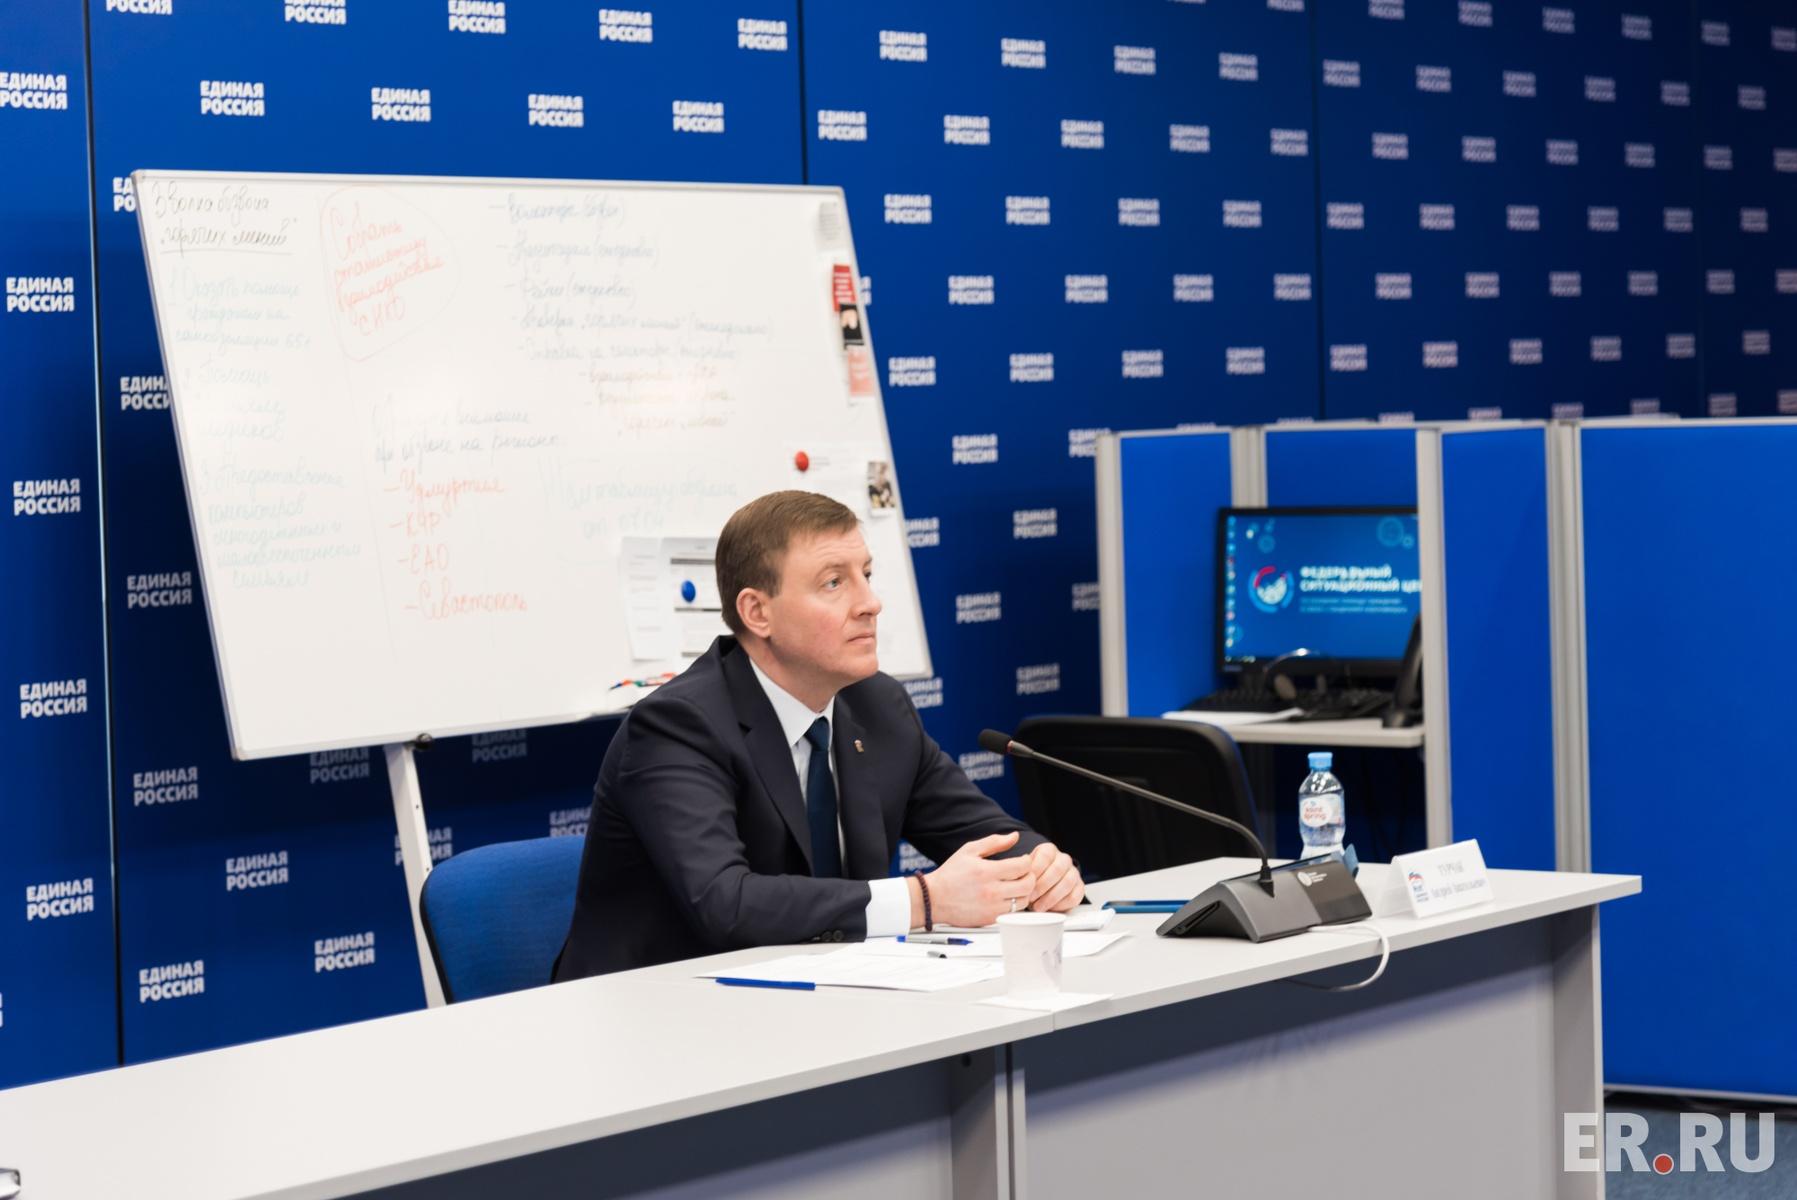 Онлайн-встреча Председателя «Единой России» Дмитрия Медведева с представителями некоммерческих организаций